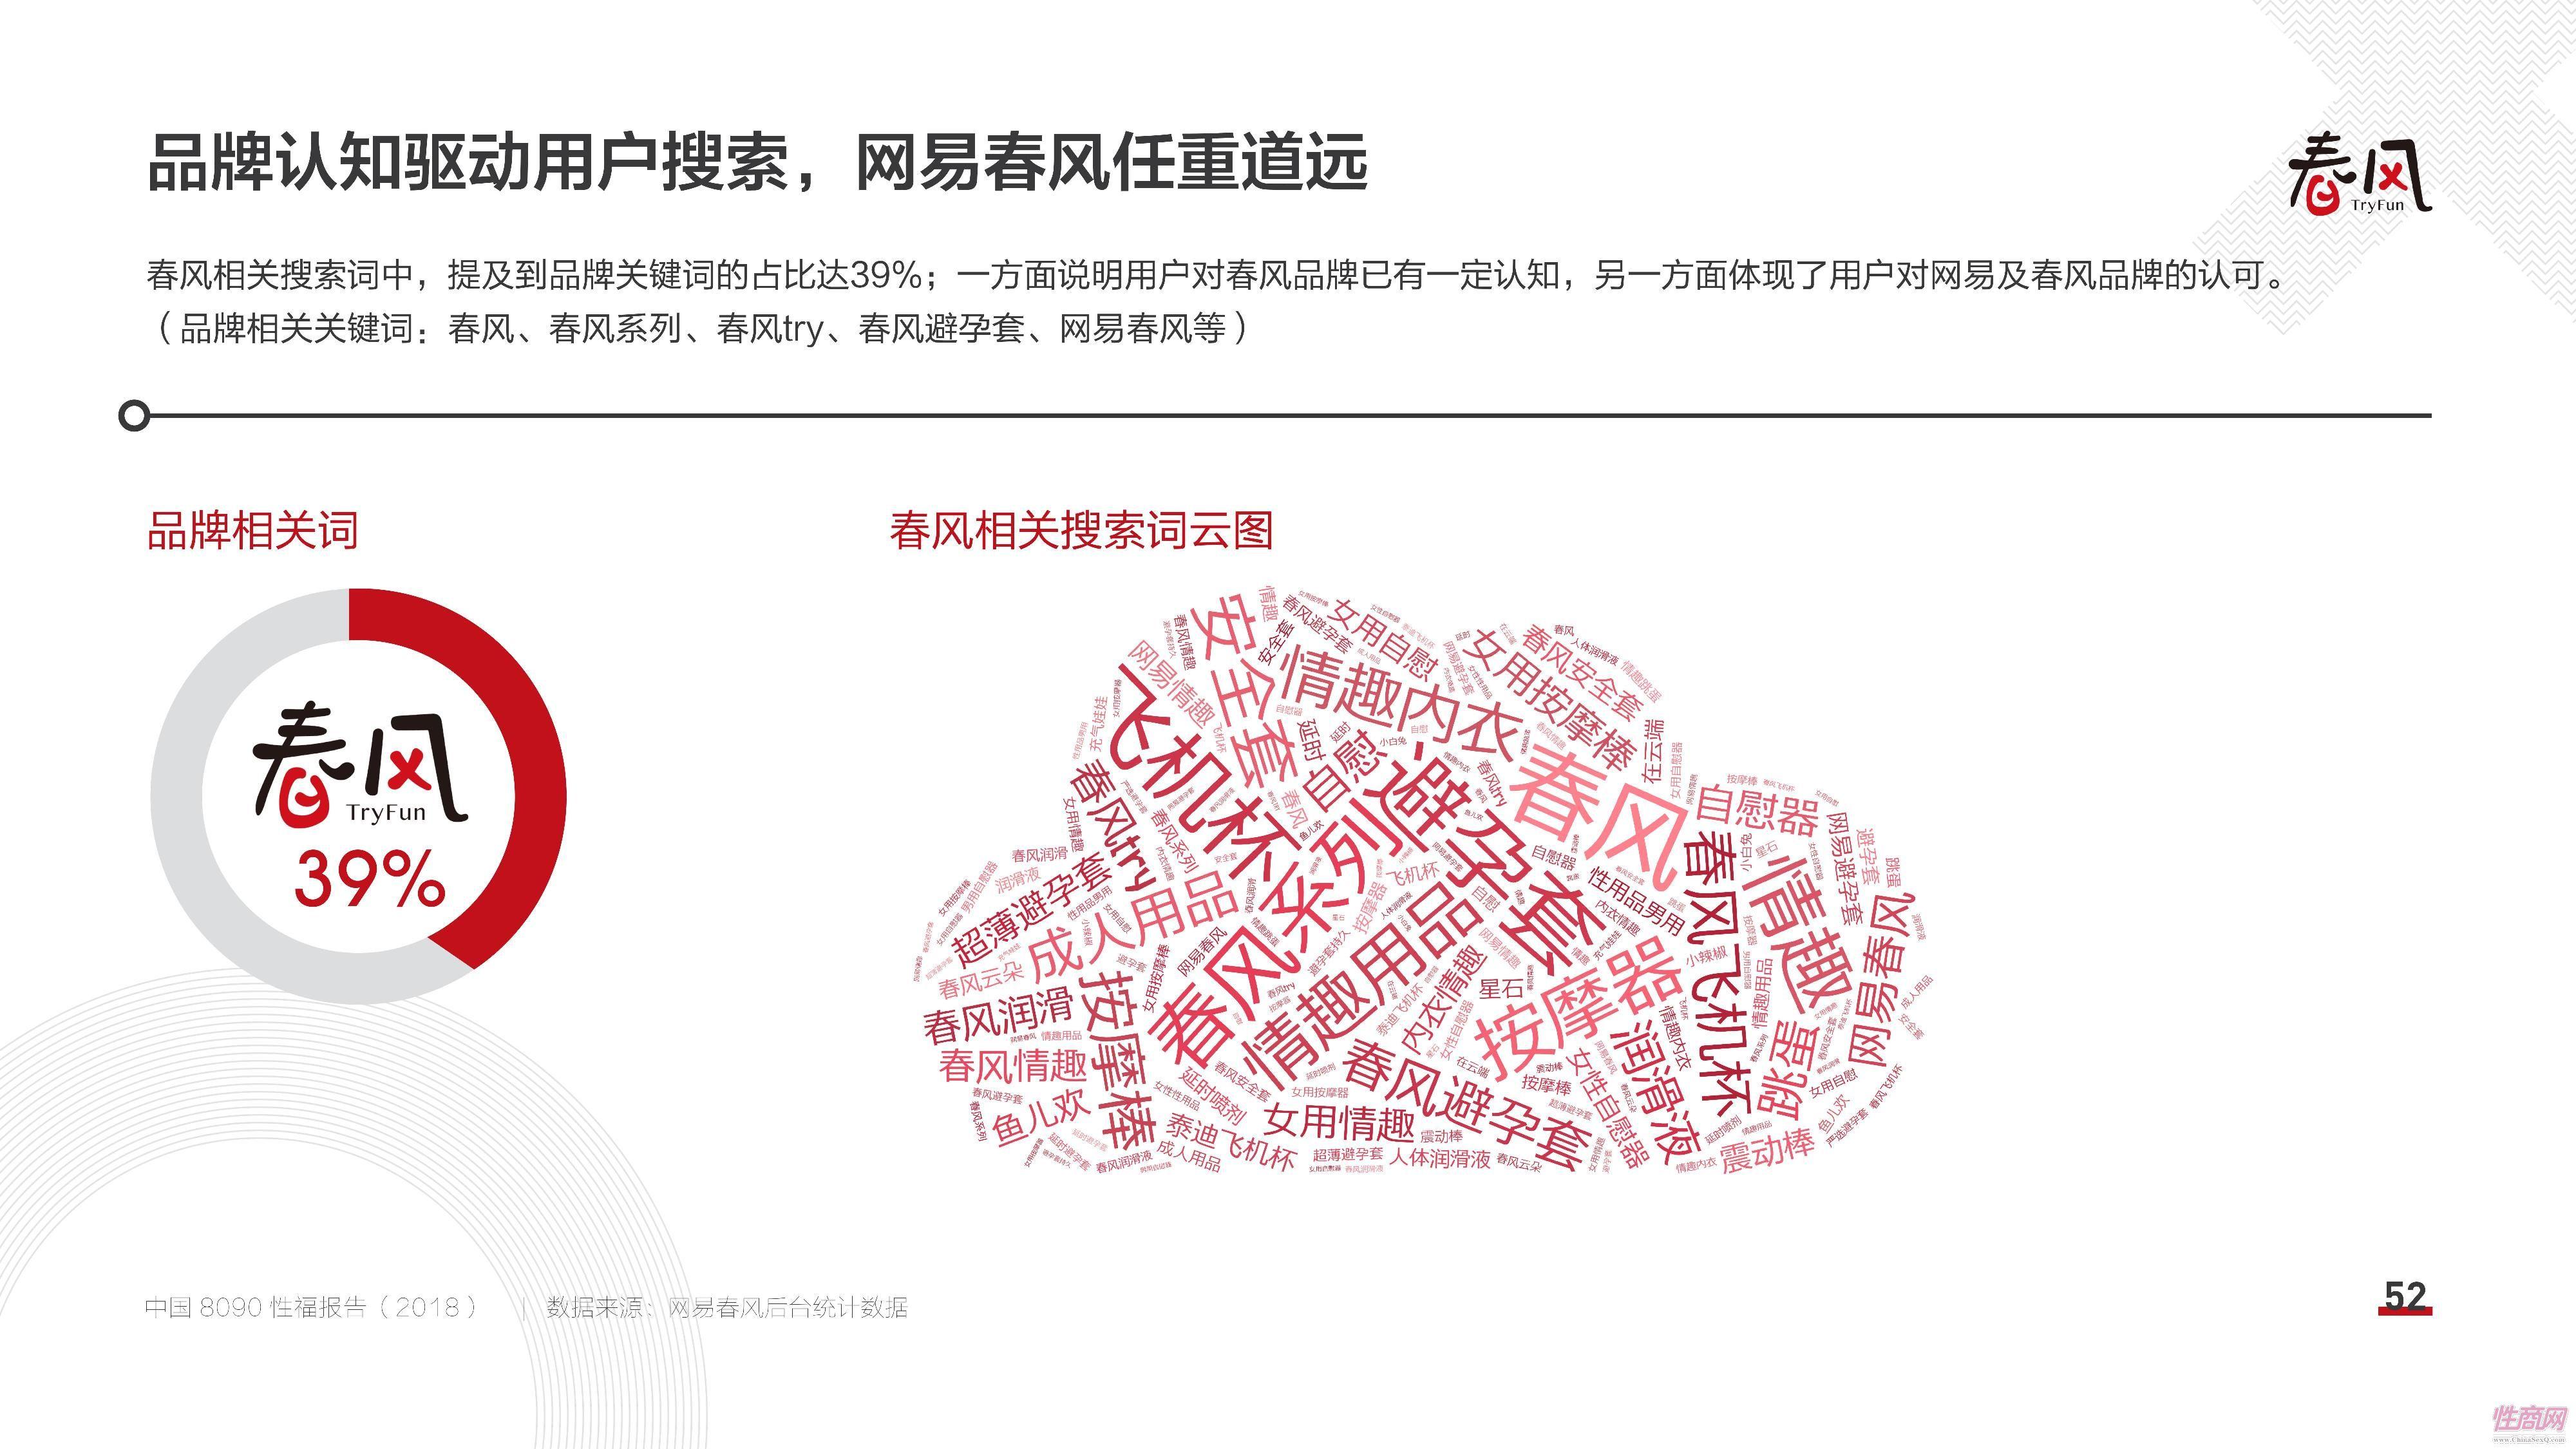 18中国8090性福报告 (51)